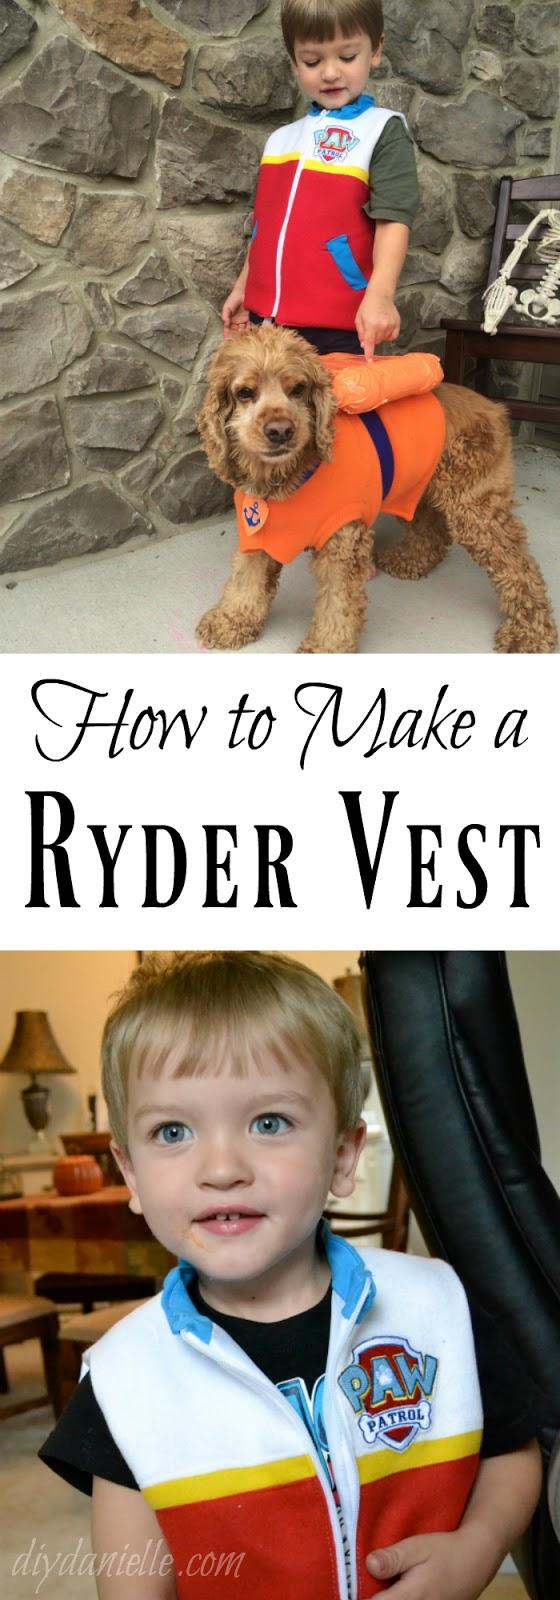 DIY Ryder Vest